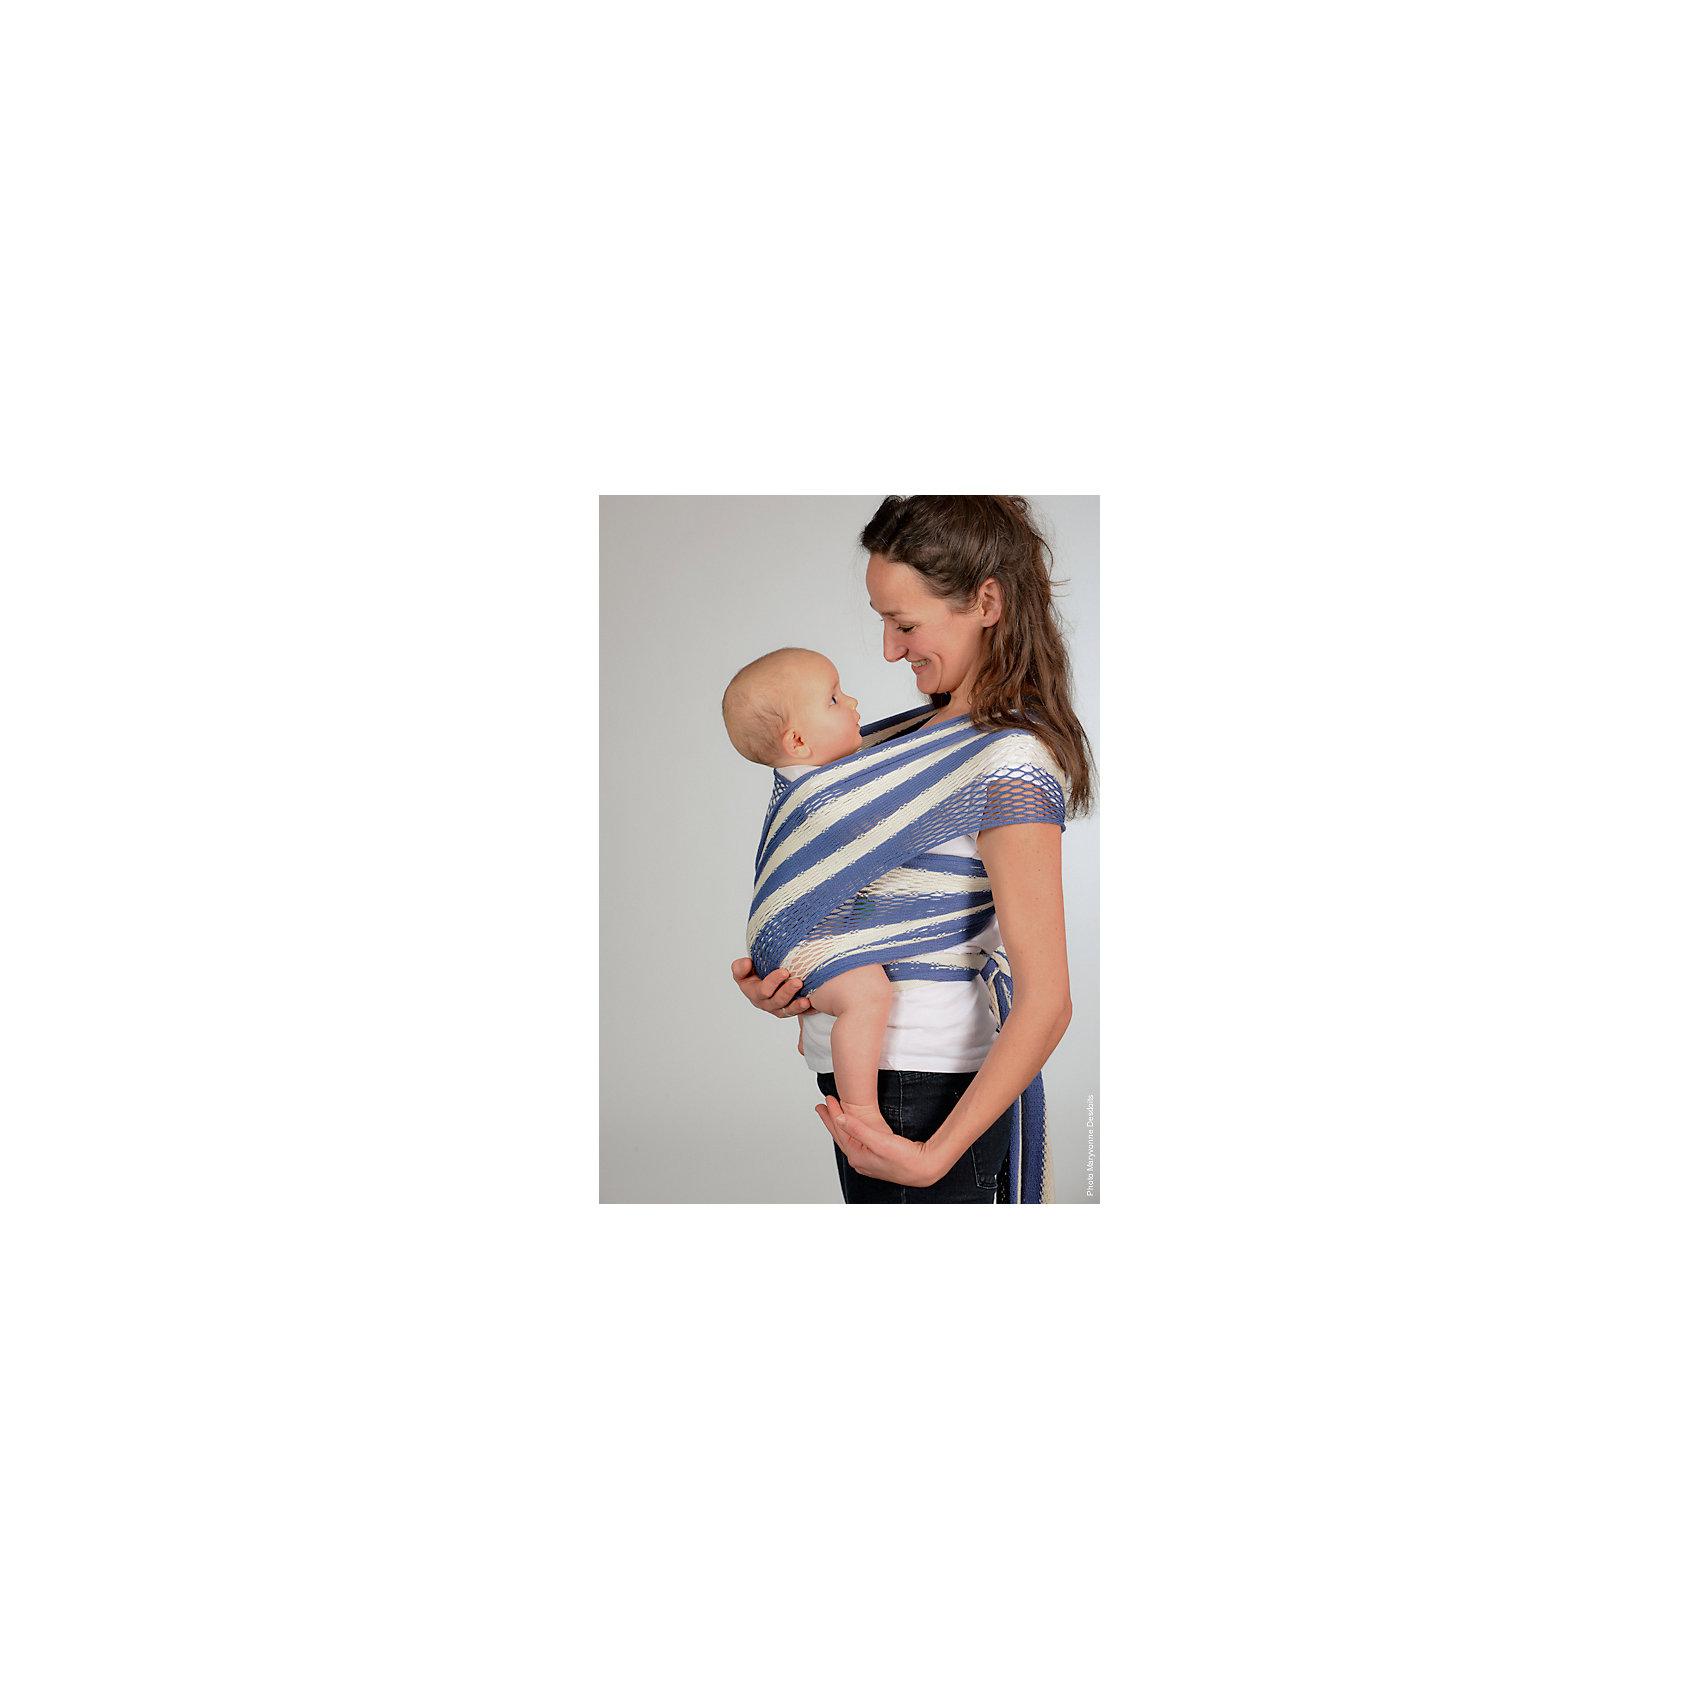 Слинг-шарф из хлопка плетеный размер s-m, Филап, Filt, сине-бежевыйСлинги и рюкзаки-переноски<br>Характеристики:<br><br>• разработан совместно с врачами-ортопедами;<br>• обеспечивает оптимальную поддержку ребенка;<br>• легко наматывается;<br>• два способа намотки: «простой крест» и «двойной крест»;<br>• равномерно распределяет нагрузку на спину;<br>• основное положение: лицом к маме;<br>• подходит для автоматической стирки при температуре 30 градусов;<br>• сумочка в комплекте;<br>• цвет: сине-бежевый;<br>• материал: хлопок;<br>• возраст ребенка: 3 месяца-2 года (до 15 кг);<br>• размер слинга: 4,4х0,5 м;<br>• размер упаковки: 24х26х7 см;<br>• вес: 430 грамм;<br>• страна бренда: Франция.<br><br>Слинг-шарф FilUp изготовлен из натурального хлопка сетчатого плетения и окрашен нетоксичными красителями. Плетеный материал защитит ребенка и маму от жары. В зимнее время вы сможете одеть ребенка привычным образом, а слинг предотвратит перегревание. Хлопок приятен телу, не вызывает аллергии.<br><br>Основное положение ребенка в слинге - лицом к маме. Кроме этого, возможно положение на боку и за спиной.  Слинг легко надевается и вытягивается при необходимости. <br><br>Слинг-шарф равномерно распределяет нагрузку на спину, чтобы вы могли носить малыша с комфортом. Широкая центральная часть шарфа удобна для правильной посадки и фиксации ребенка.  Ножки ребенка будут находиться в положении, необходимом для правильного развития тазобедренных суставов. Узкие концы слинг-шарфа можно завязать так, чтобы они не мешали вам. <br><br>Слинг-шарф FilUp можно стирать в машинке при температуре 30°. Длина полотна - 4,4 метра. Ширина полотна - 0,5 метра. Подходит для детей от 3-4-х месяцев до 1,5-2-х лет (весом до 15 килограммов). В комплект входит сумочка-авоська, которая подойдет для бутылочек, салфеток и прочих необходимых предметов.<br><br>Слинг-шарф из хлопка плетеный размер s-m, Филап, Filt (Филт), сине-бежевый можно купить в нашем интернет-магазине.<br><br>Ширина мм: 800<br>Глубина мм: 800<